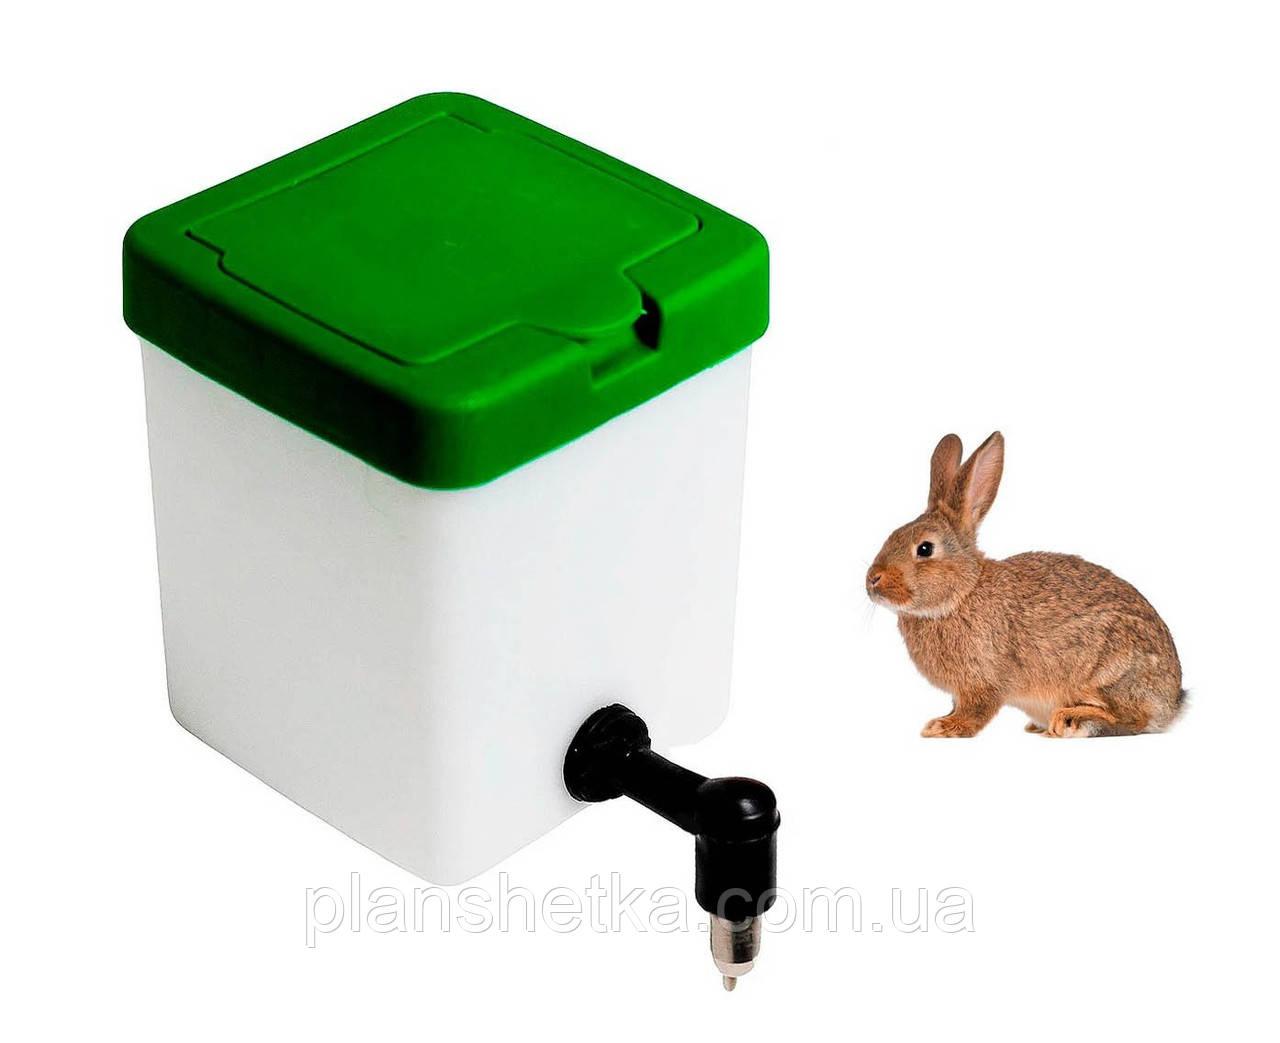 Поилка для кроликов Tehnomur 0.5 л.